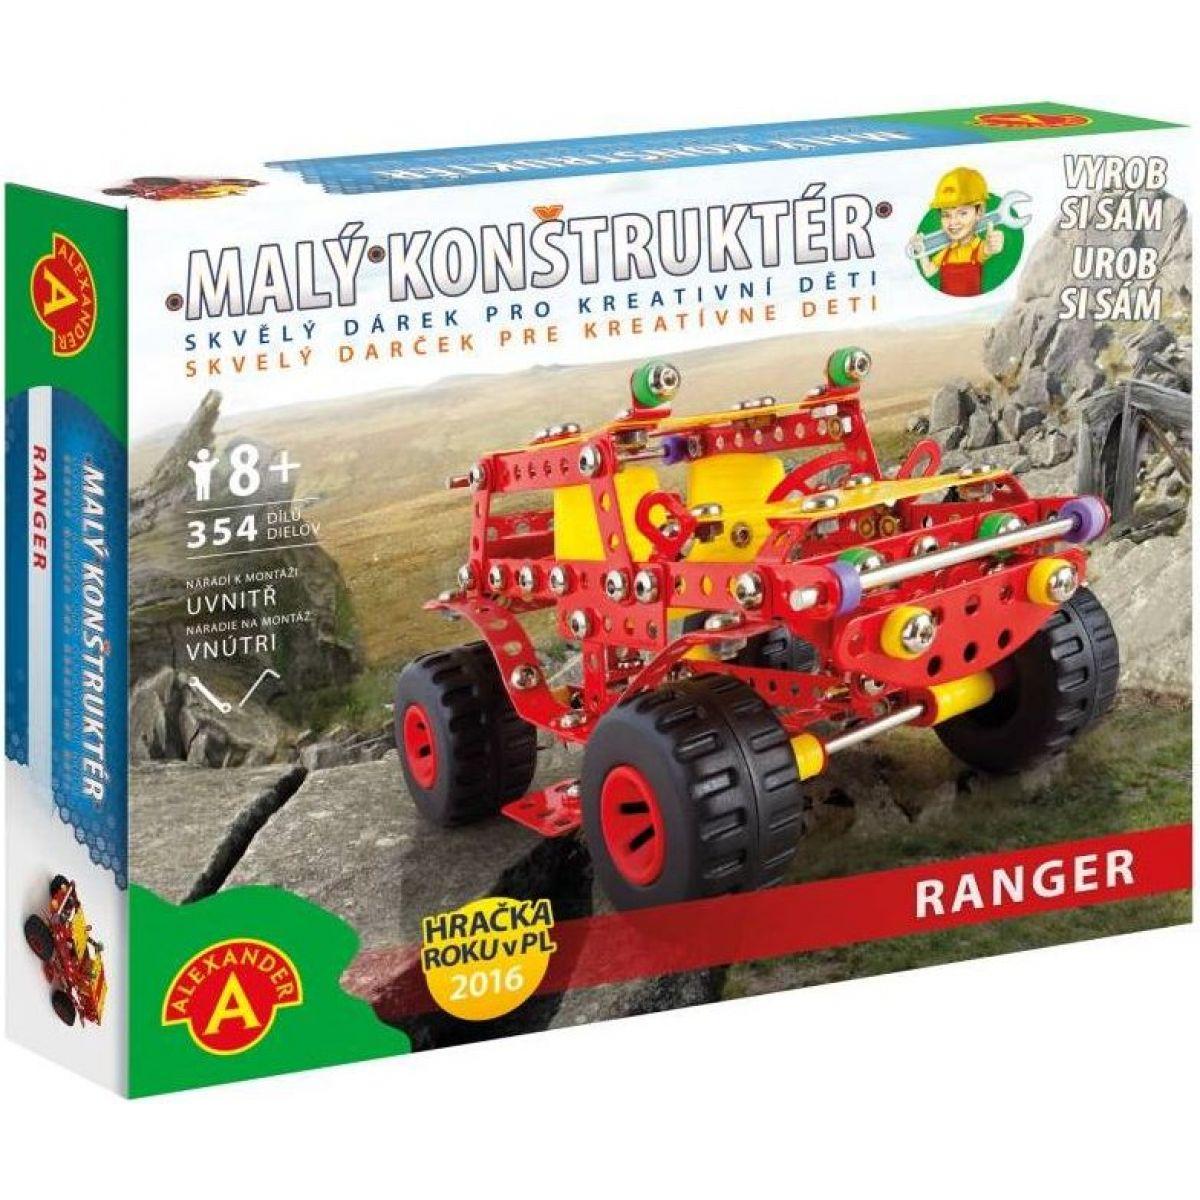 Alexander Malý konstruktér Ranger